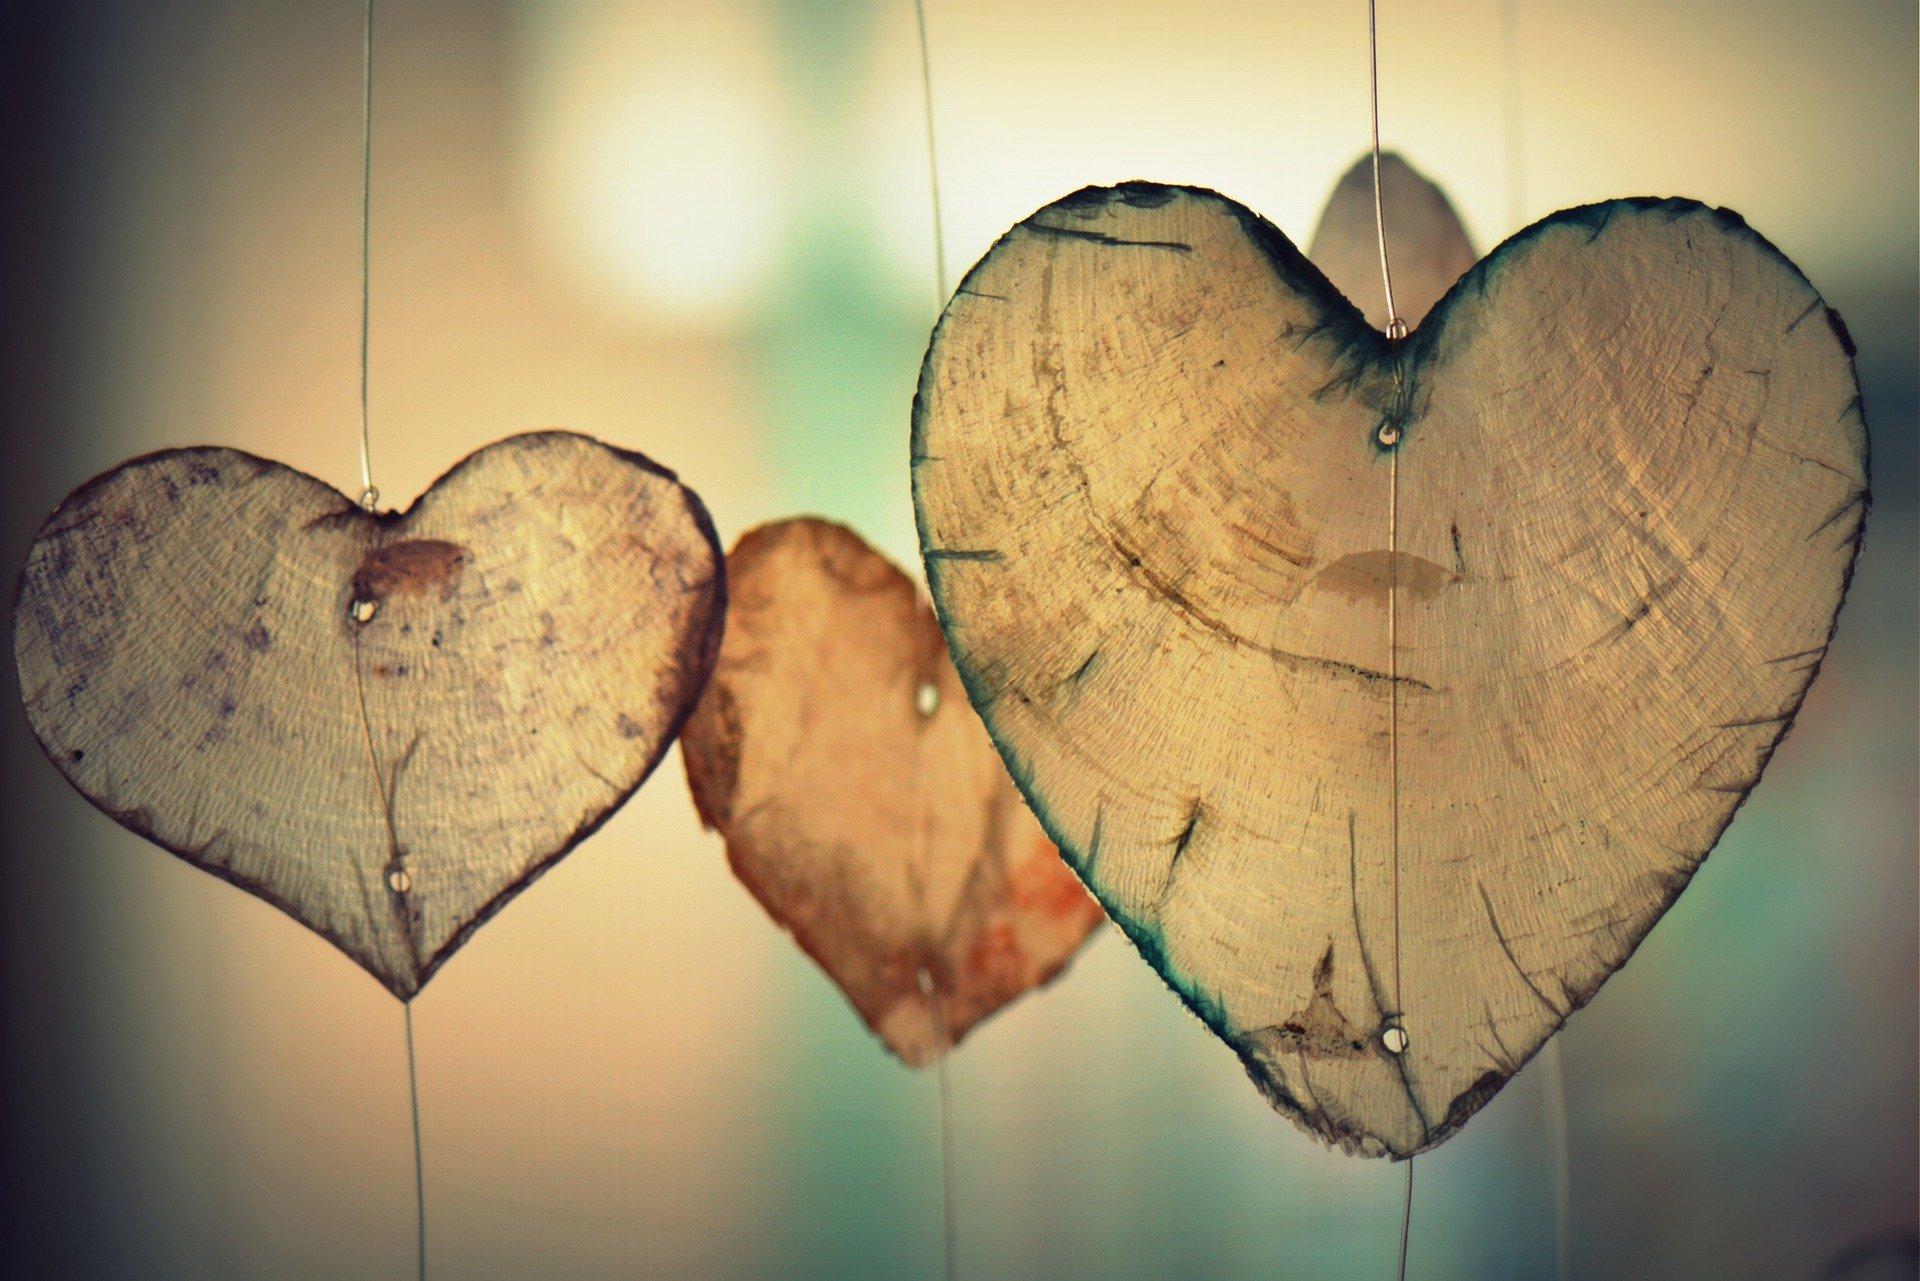 heart-700141_19201749927762.jpg